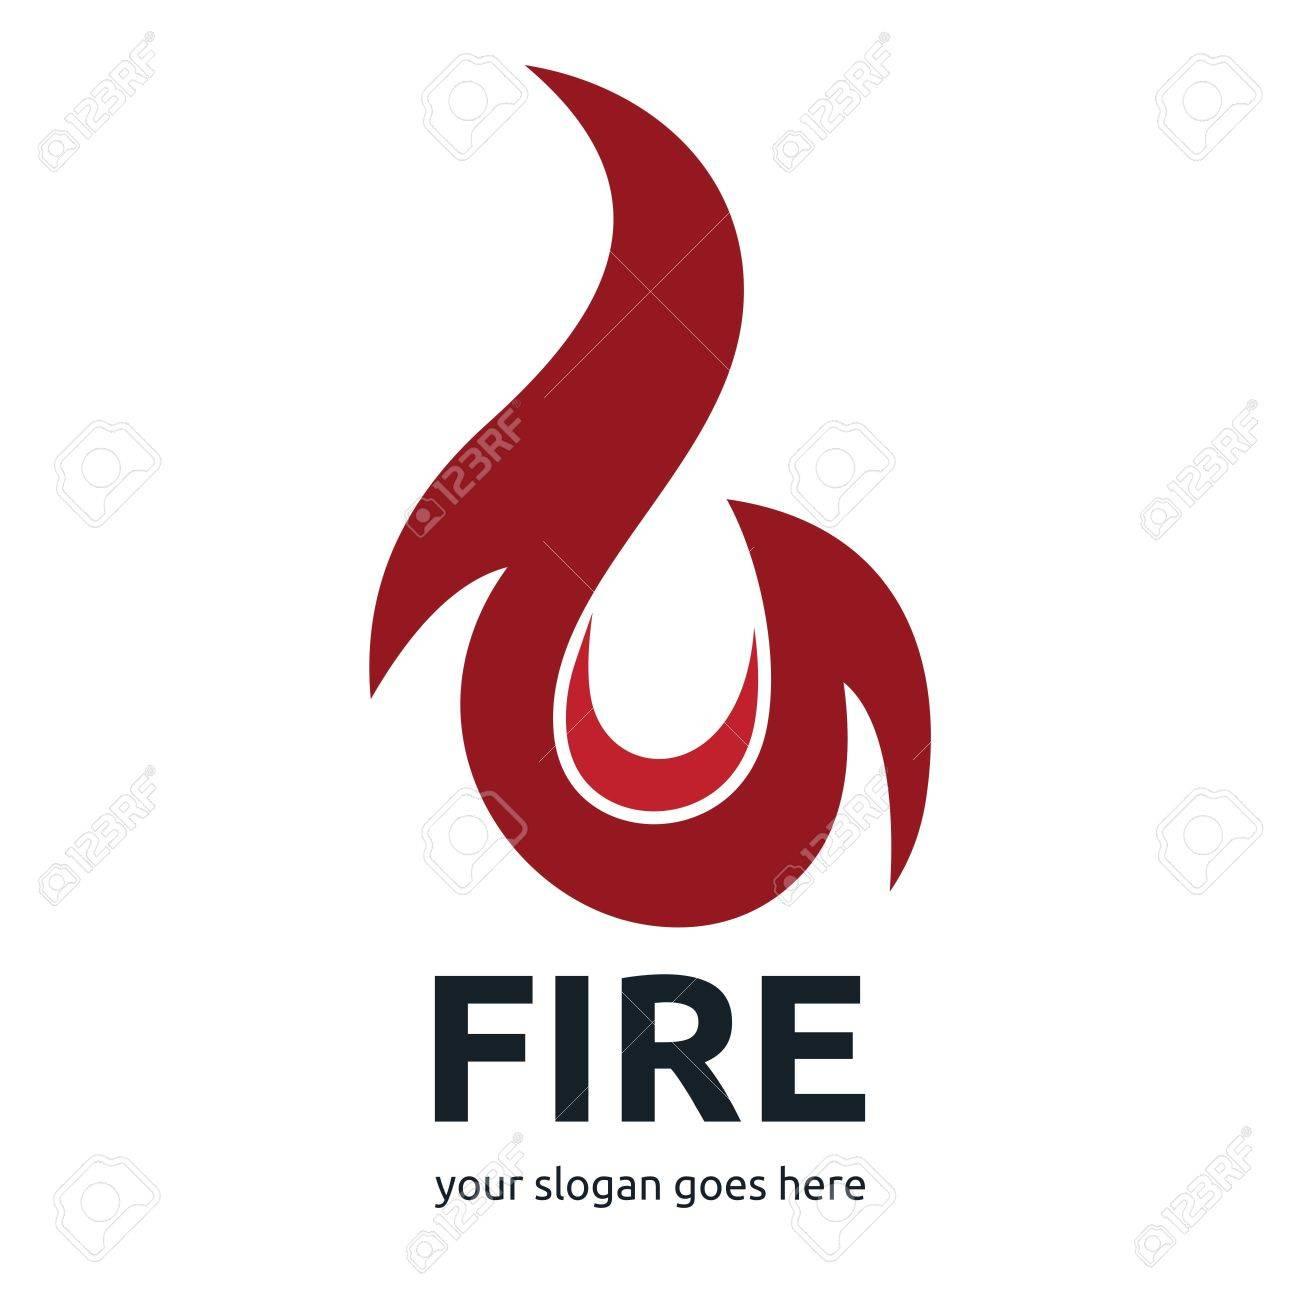 Fire logo template set